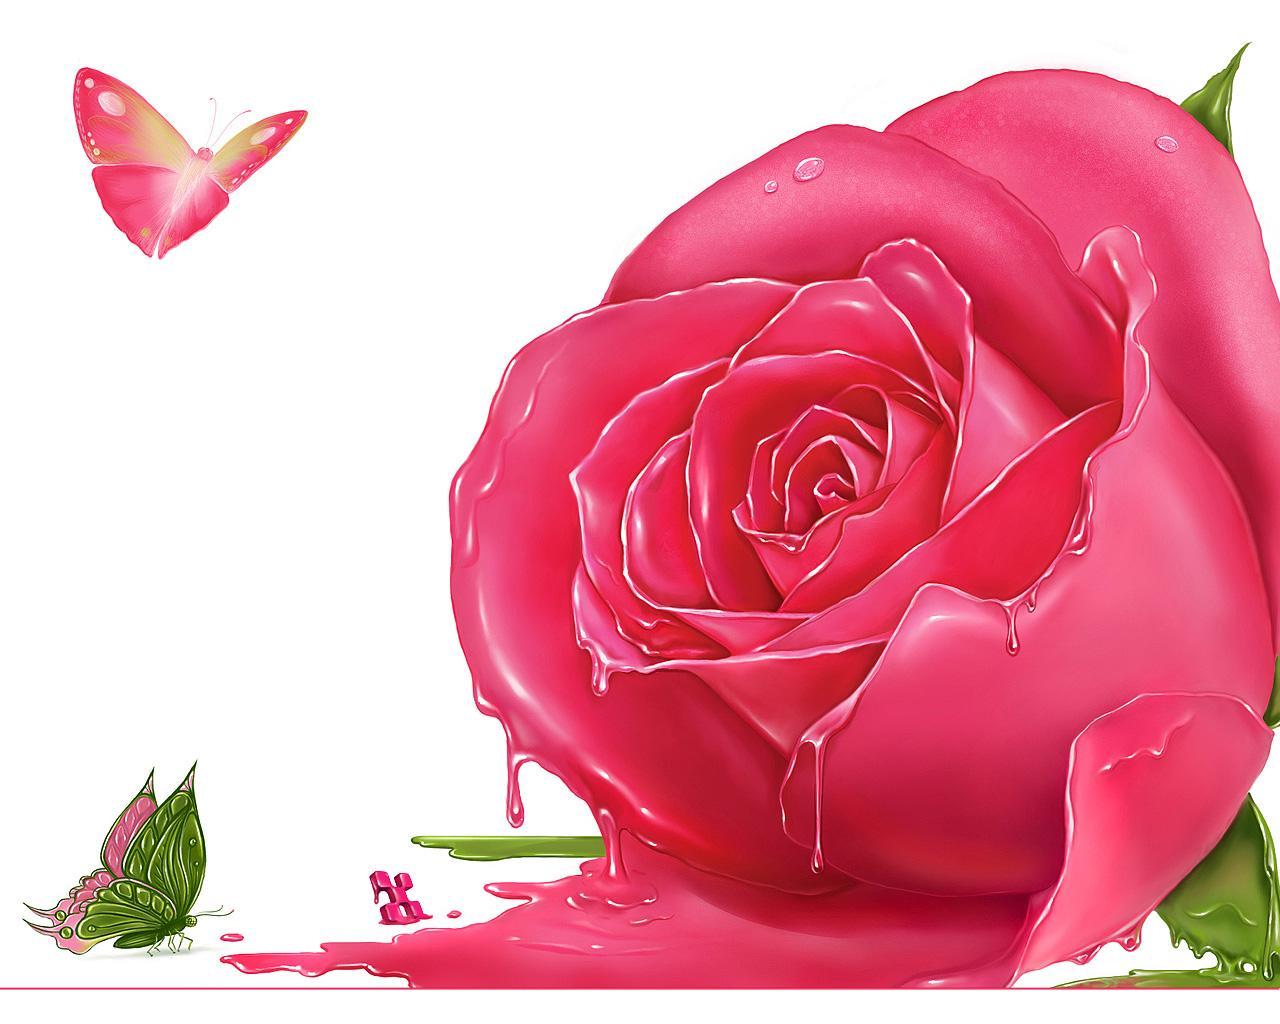 pink roses pink rose wallpaper light pink roses pink rose 1280x1024